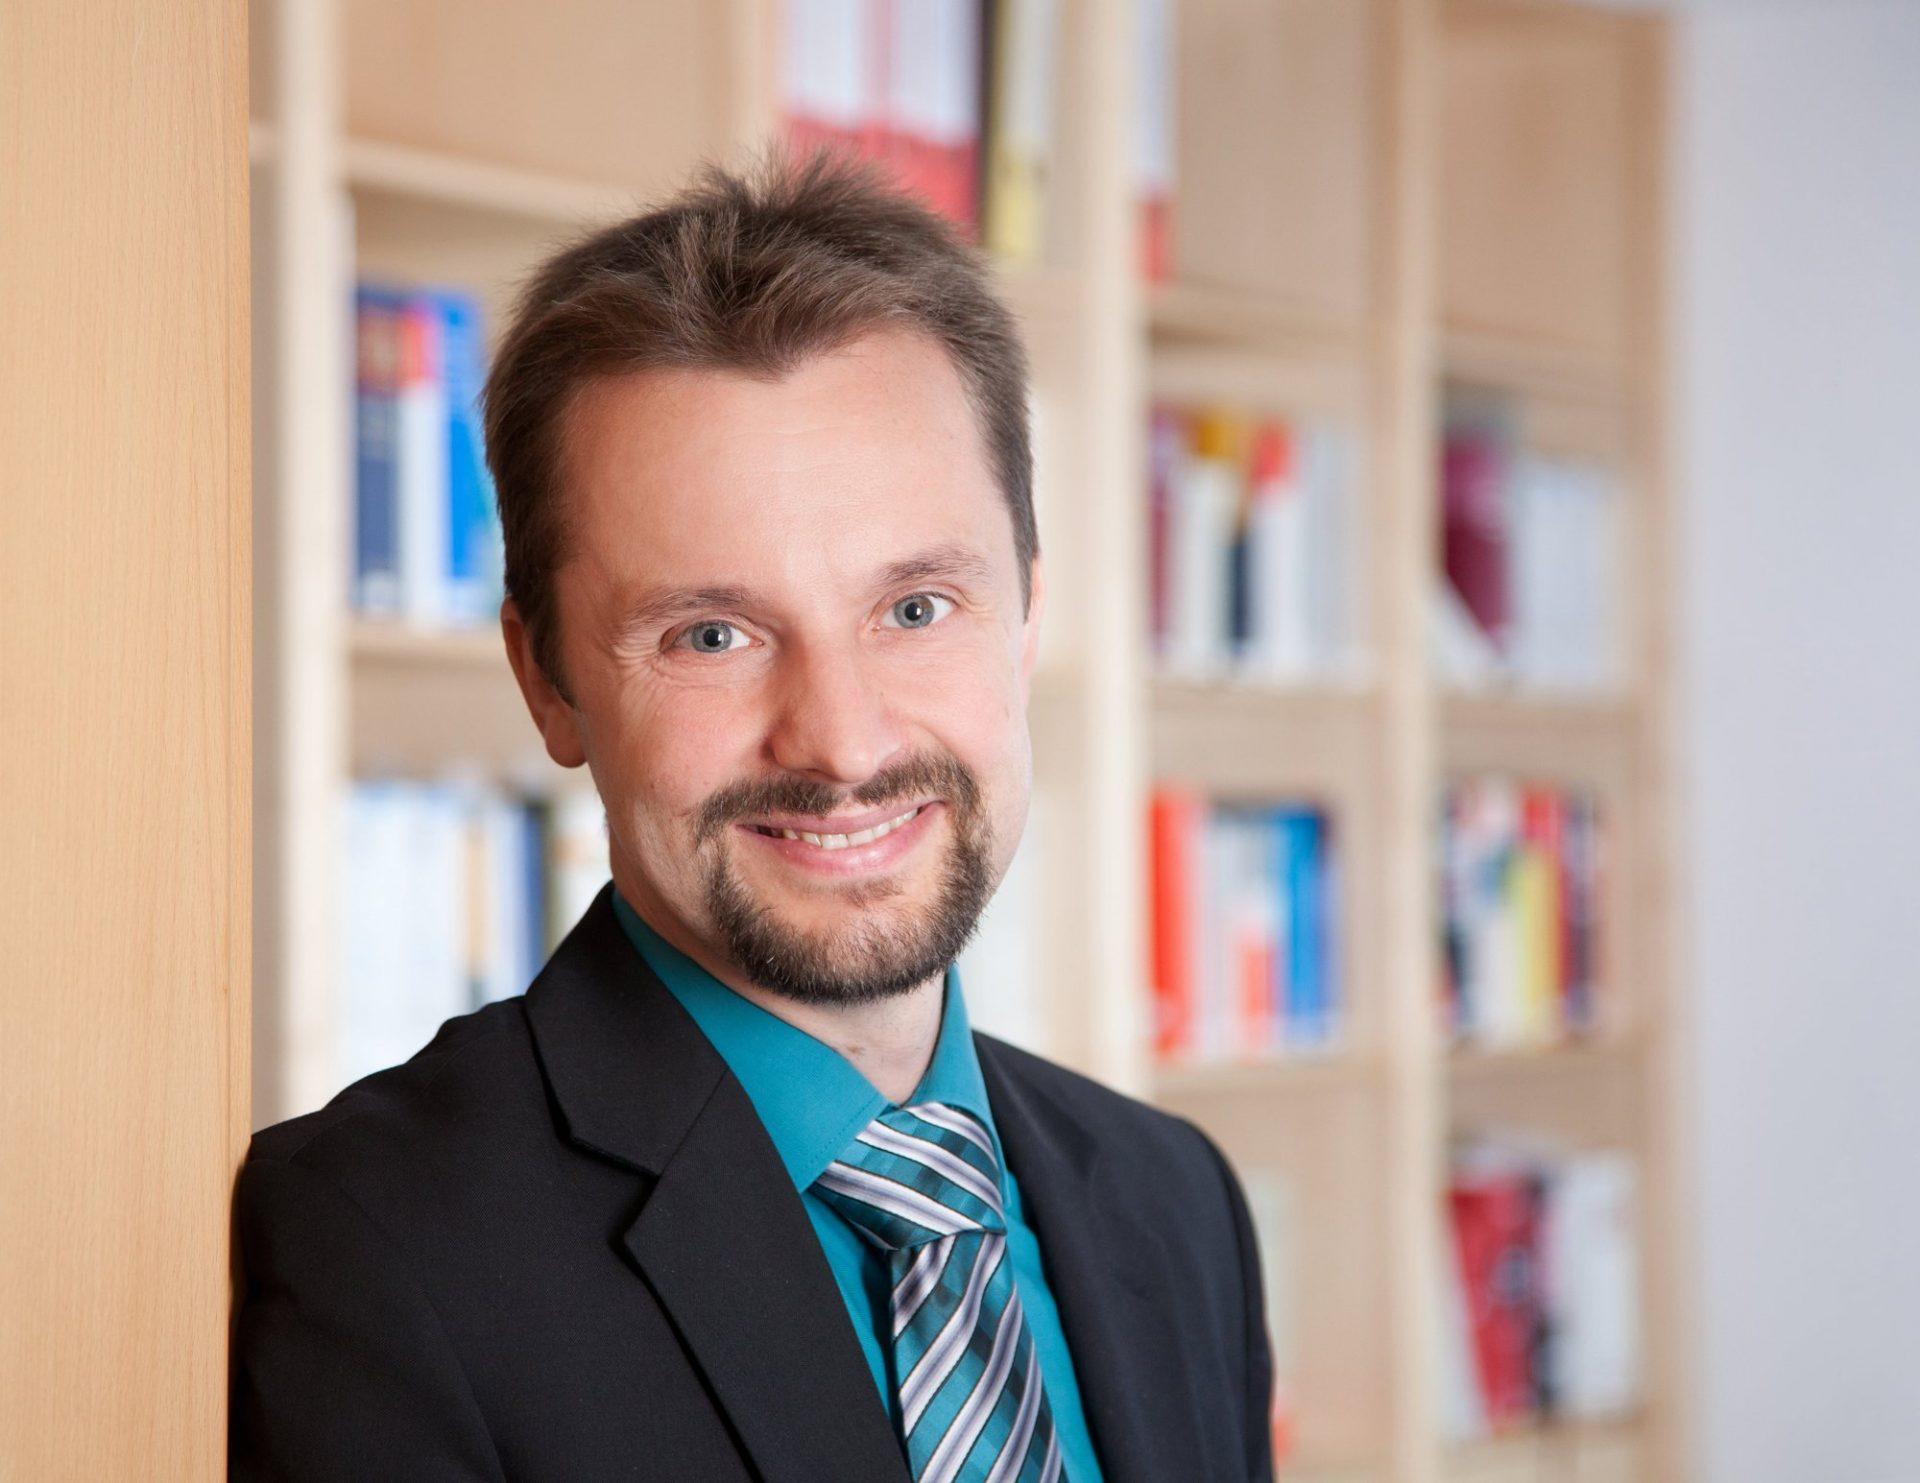 Rechtsanwalt Dr. Alexander Lang